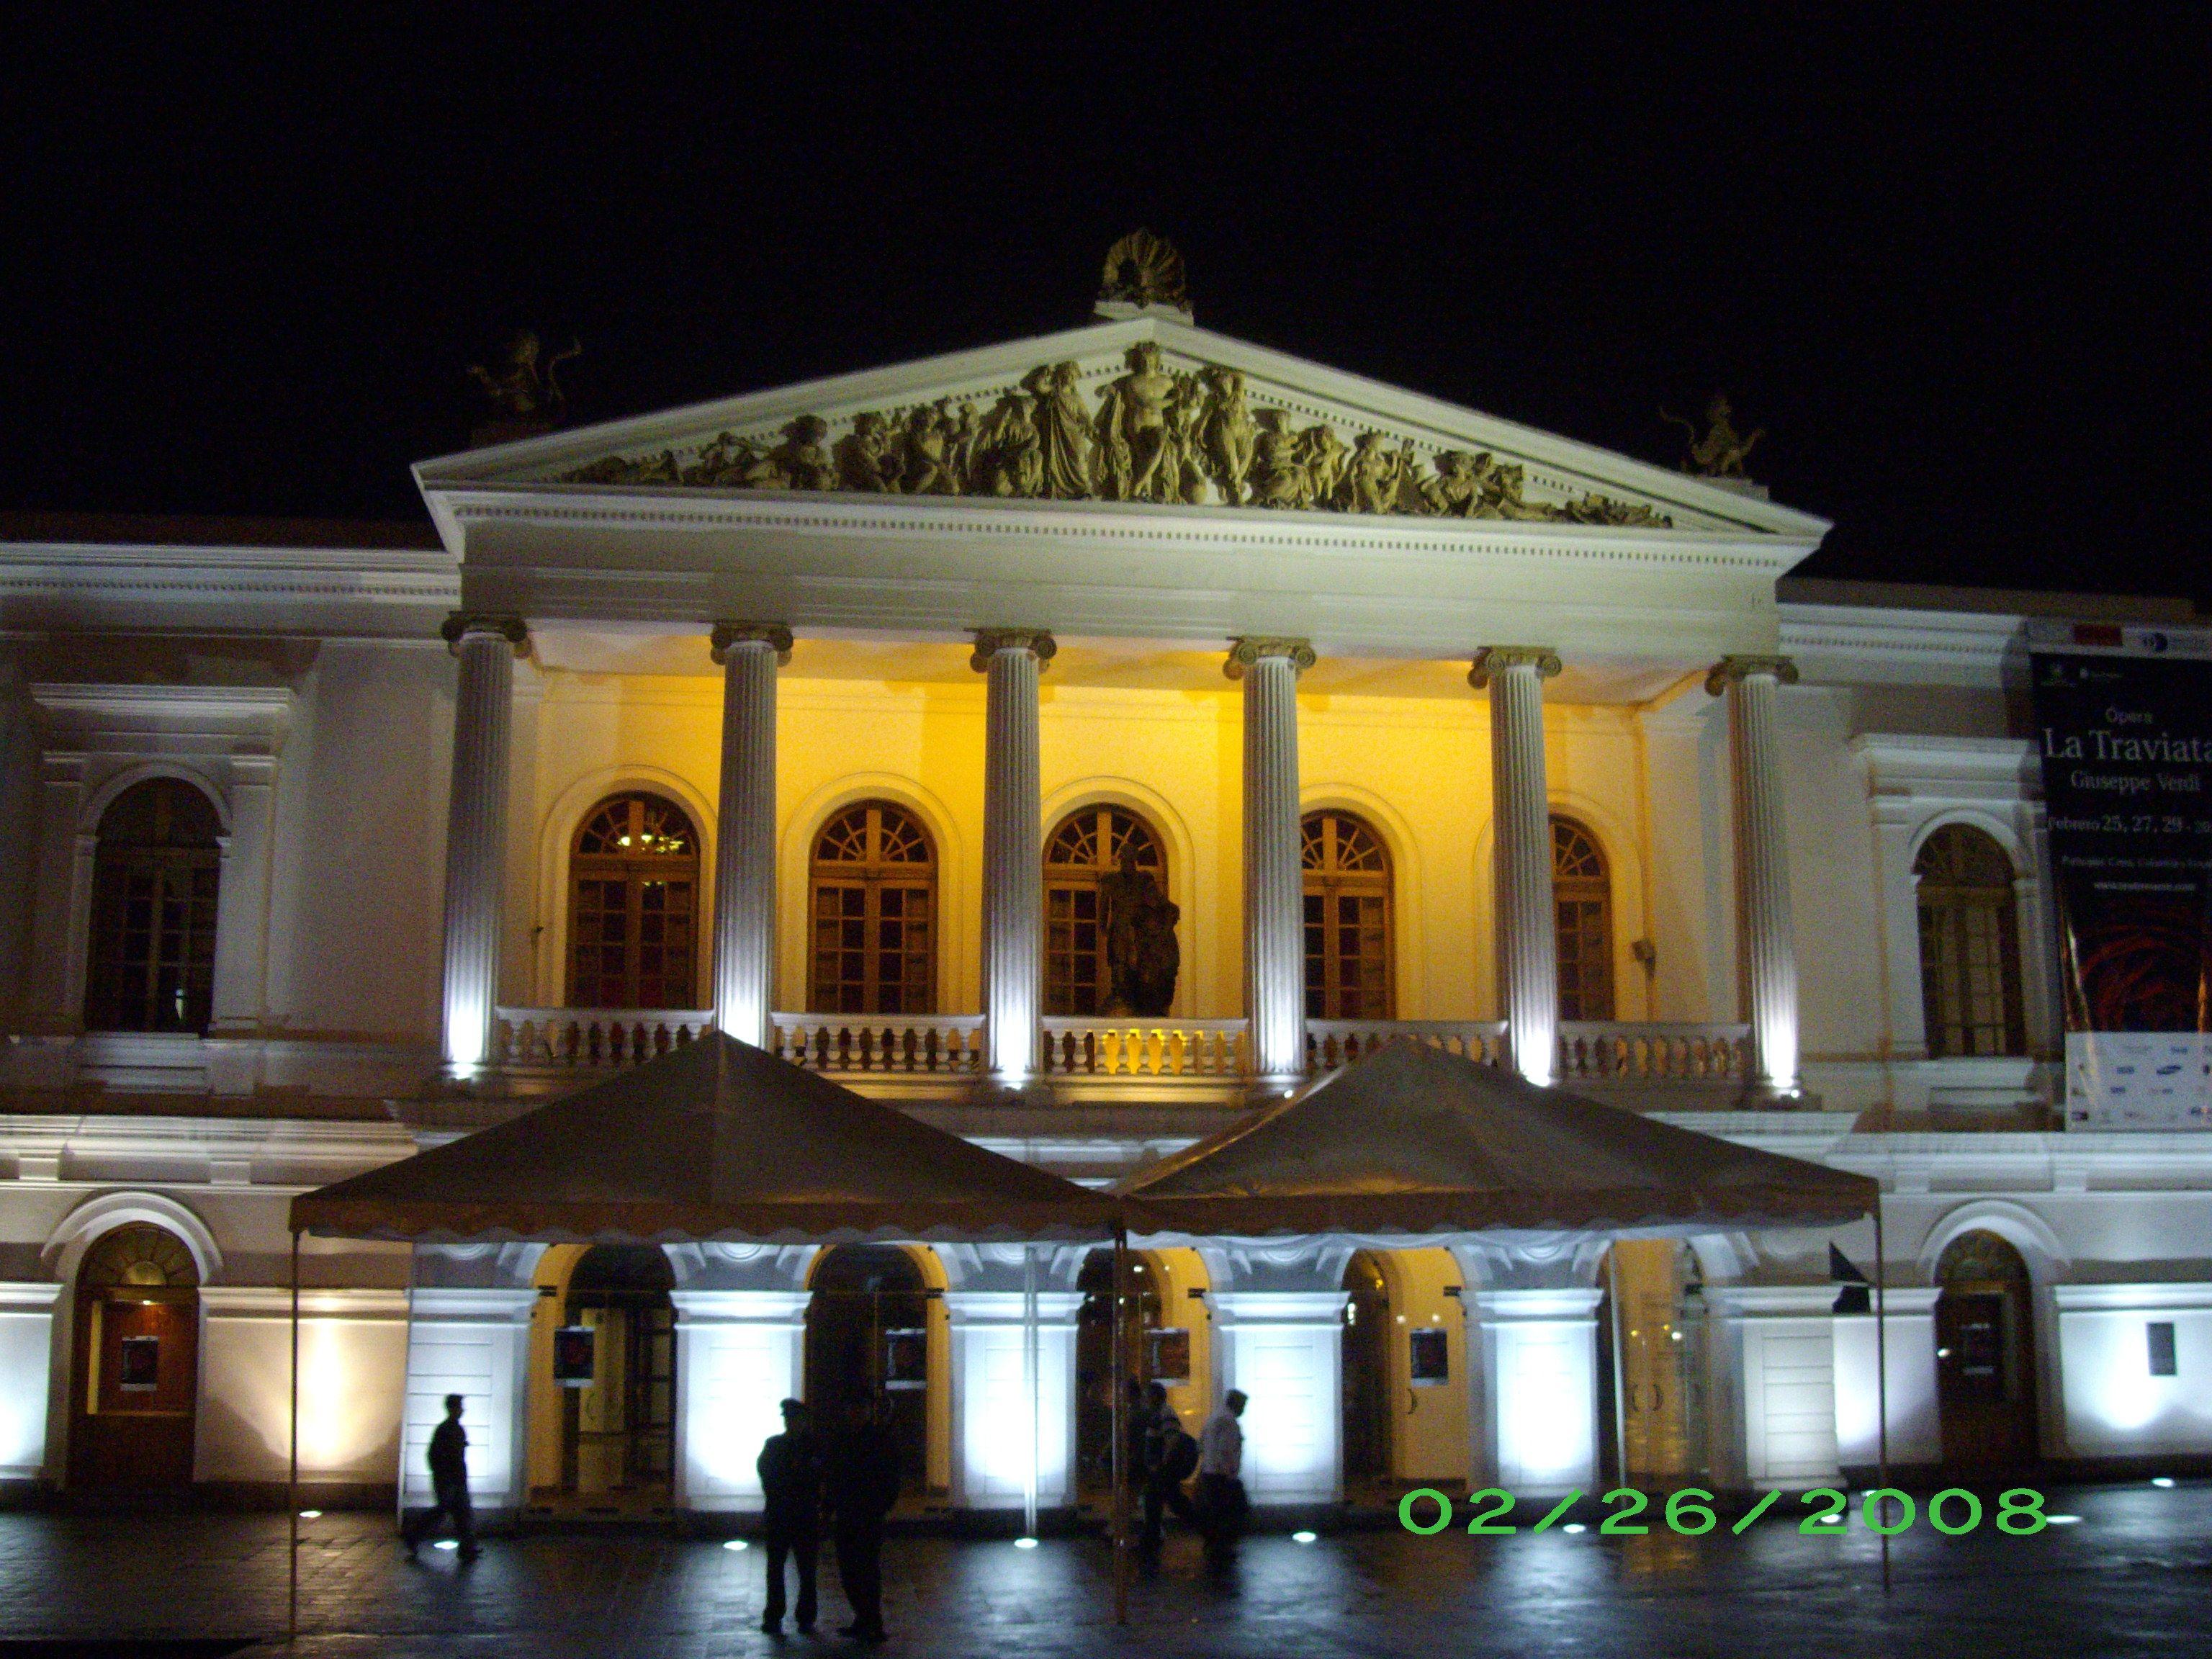 Teatro Nacional De Quito Ecuador Hermosa Ciudad Patrimonio Cultural De La Humanidad House Styles Mansions Outdoor Structures